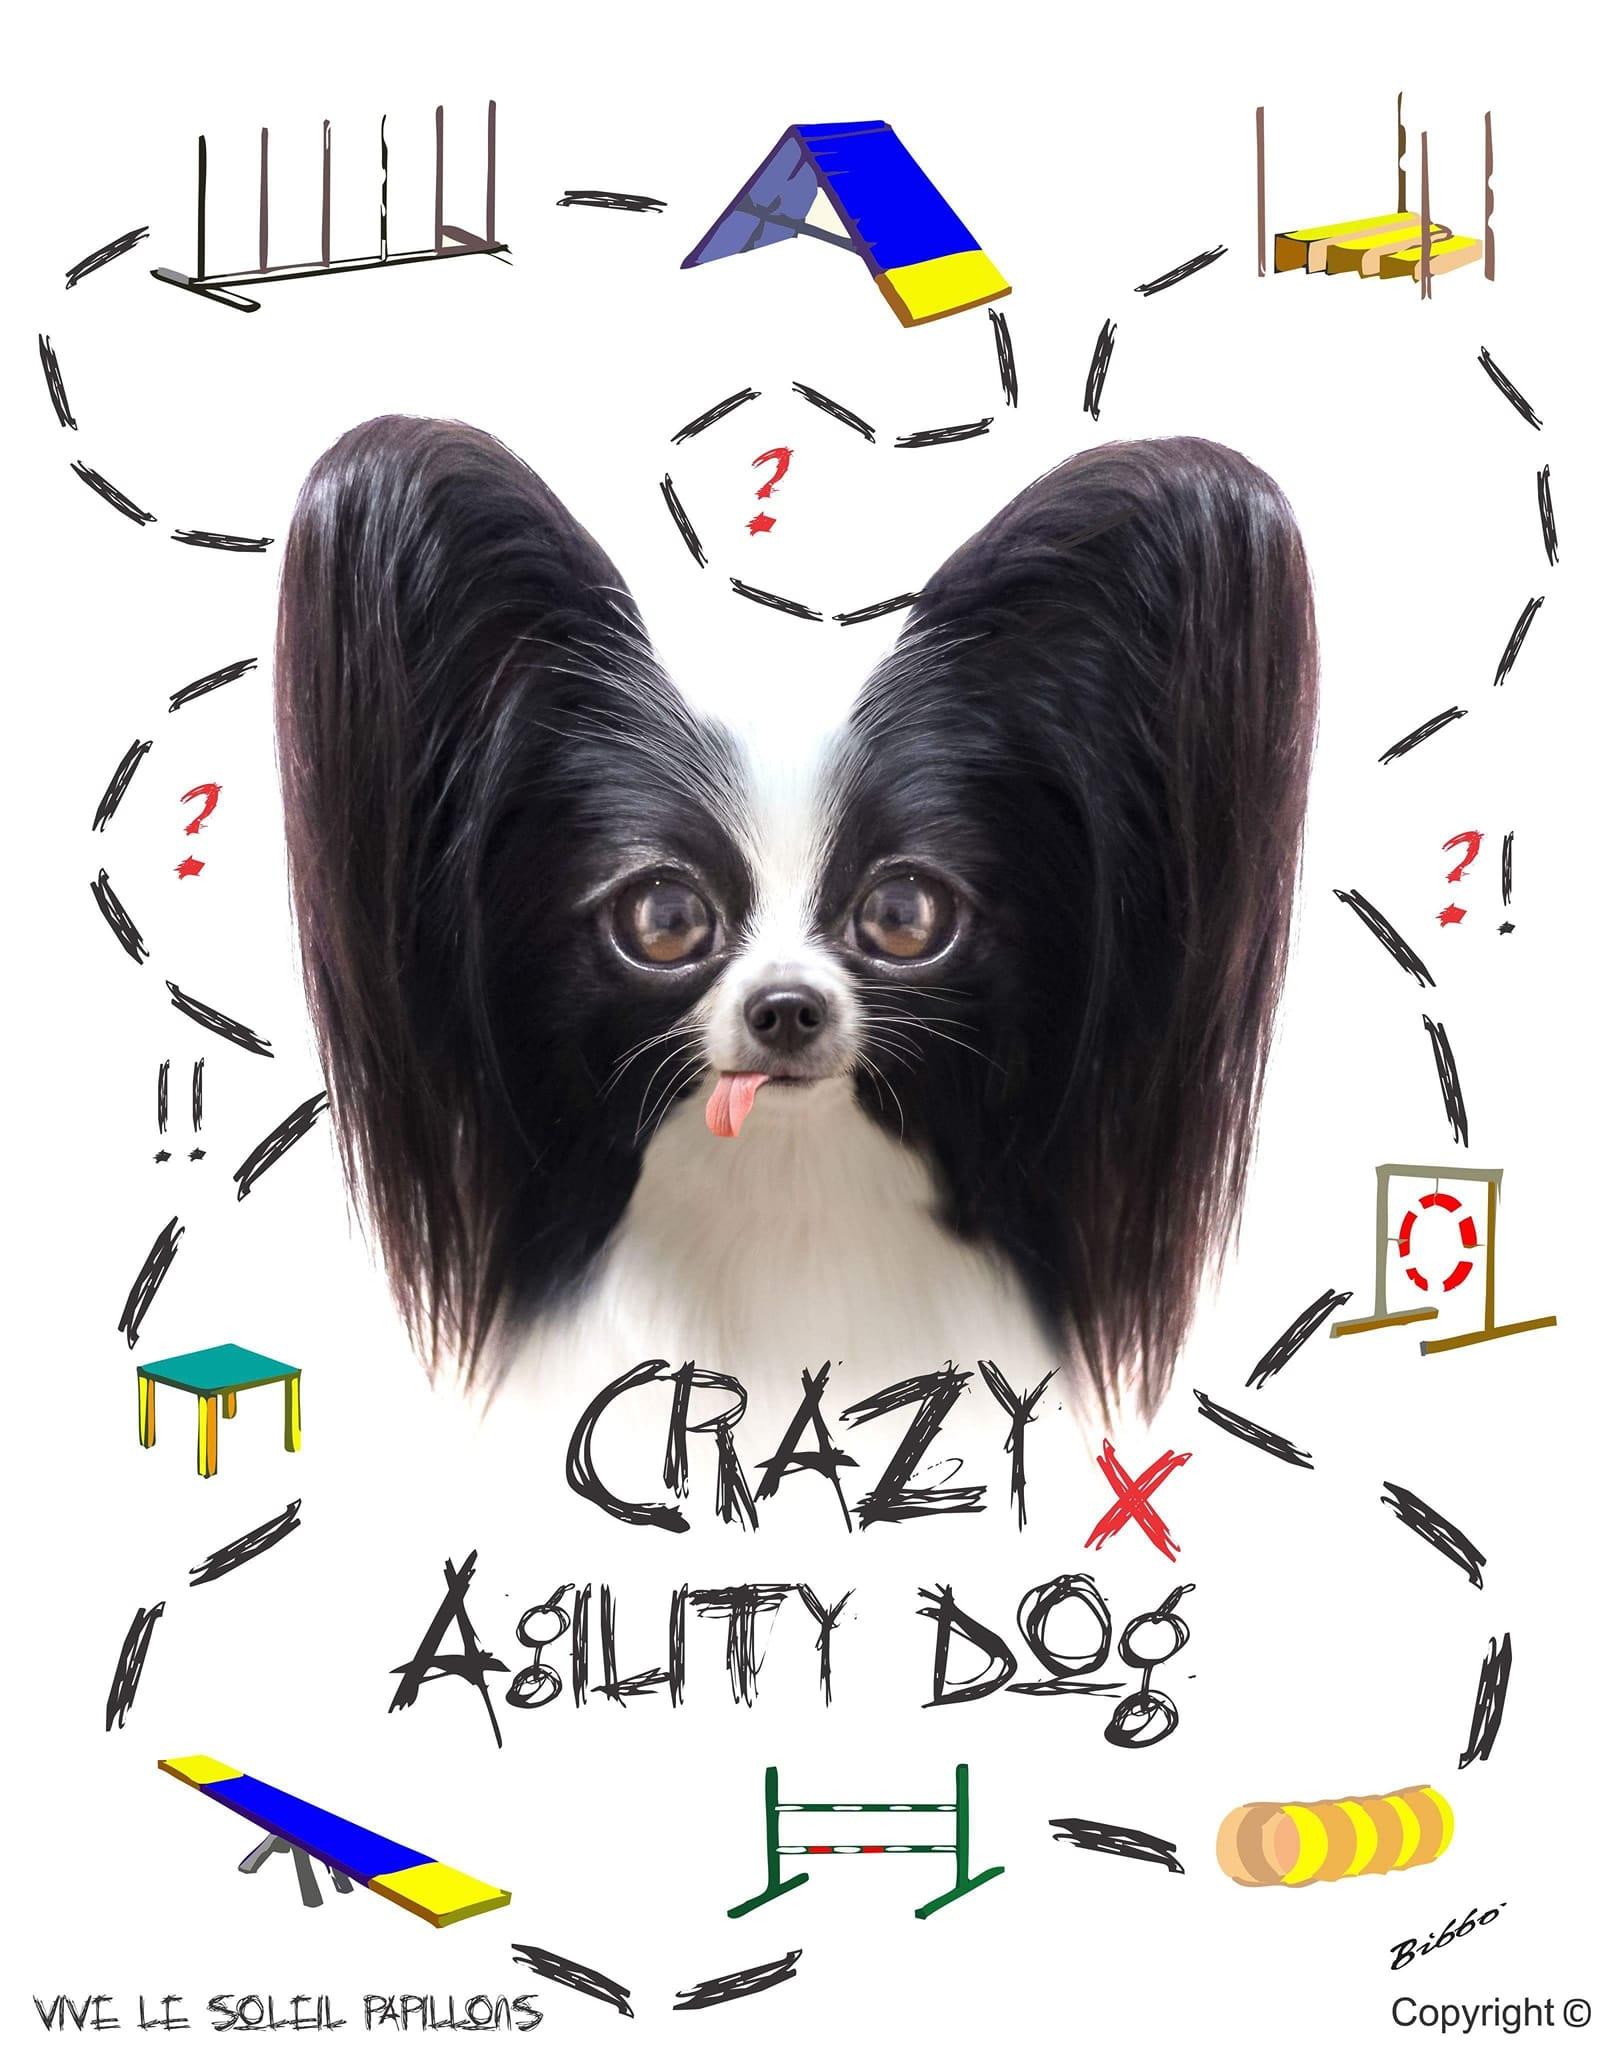 Vive Le Soleil: Crazy Agility Dog